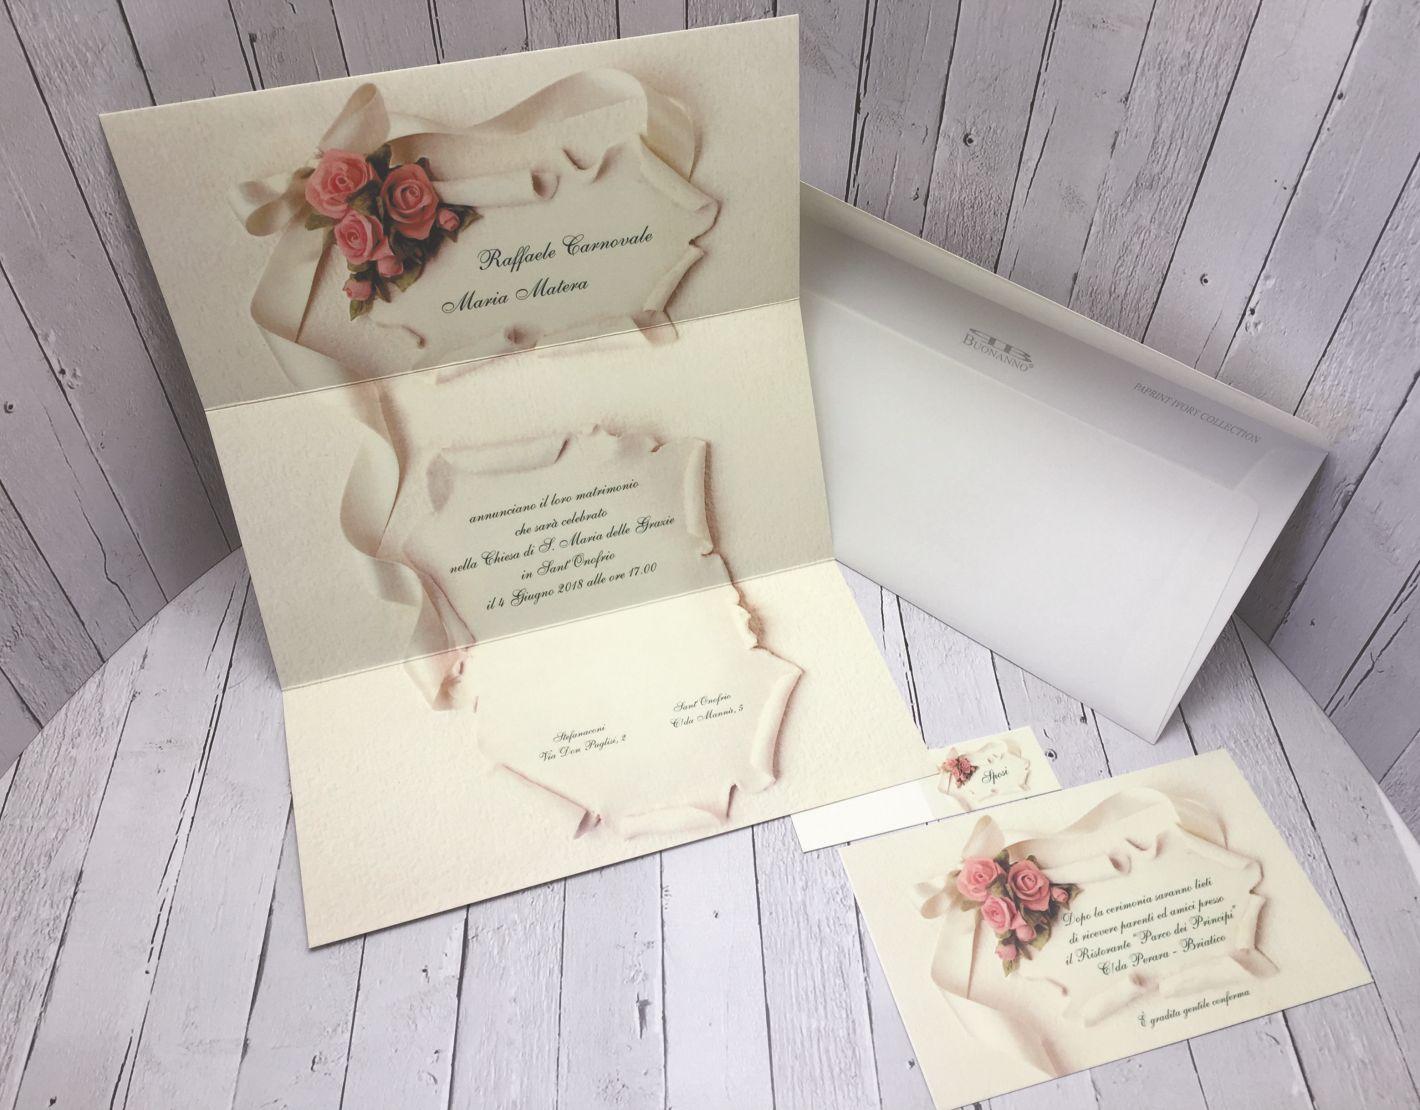 Partecipazioni Matrimonio Pergamena.Inviti Nozze Pergamena